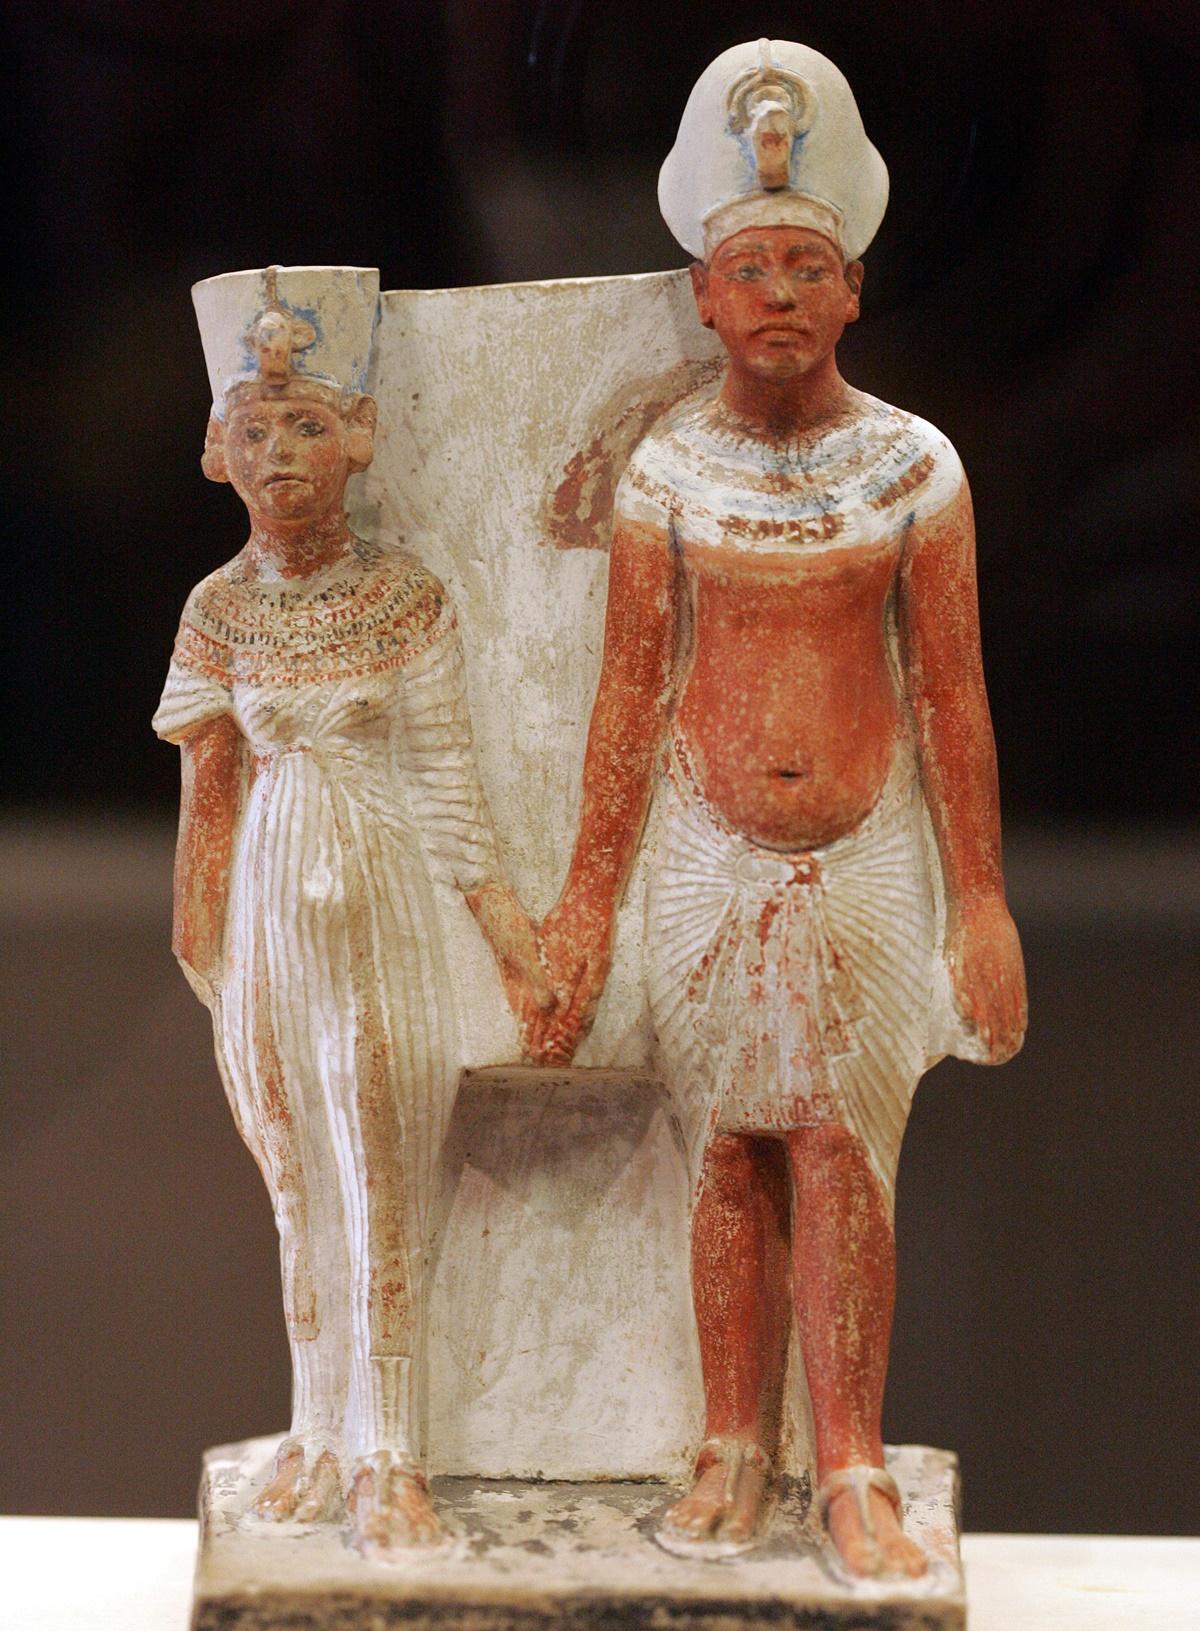 Известняковая статуэтка юных Нефертити и Эхнатона (примерно 1345 год до нашей эры). Лувр.